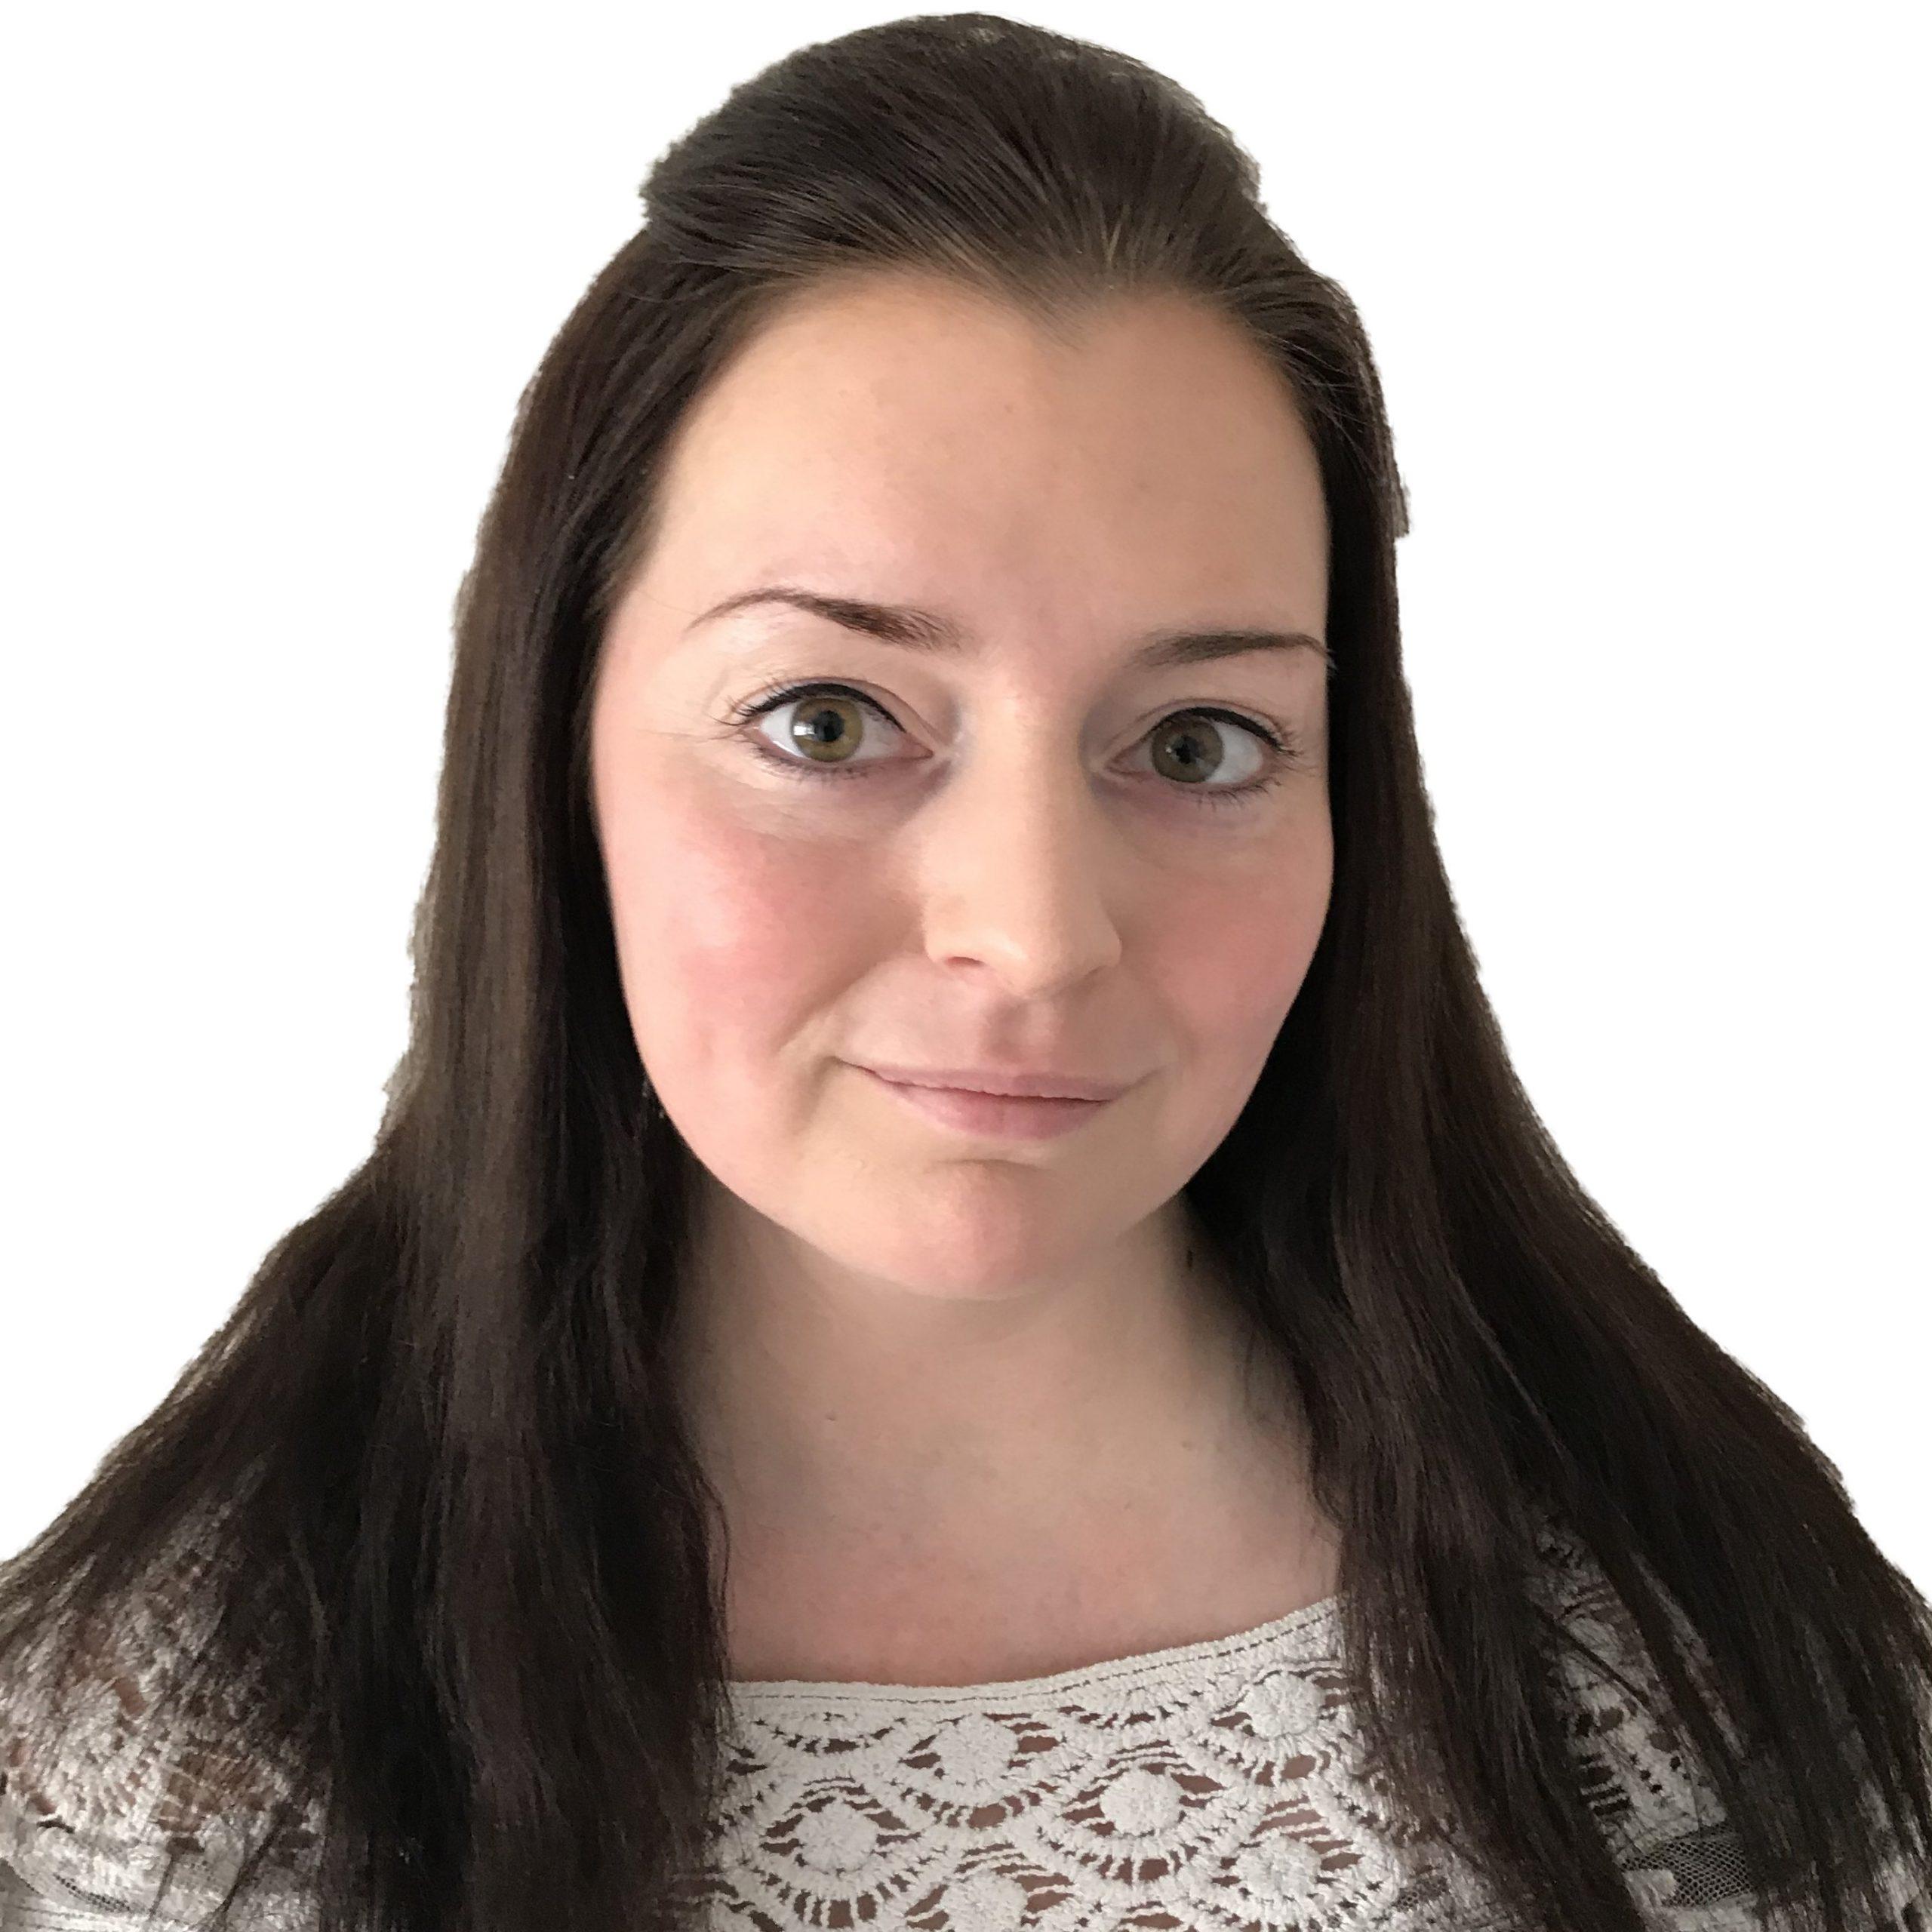 Matilda Allansson